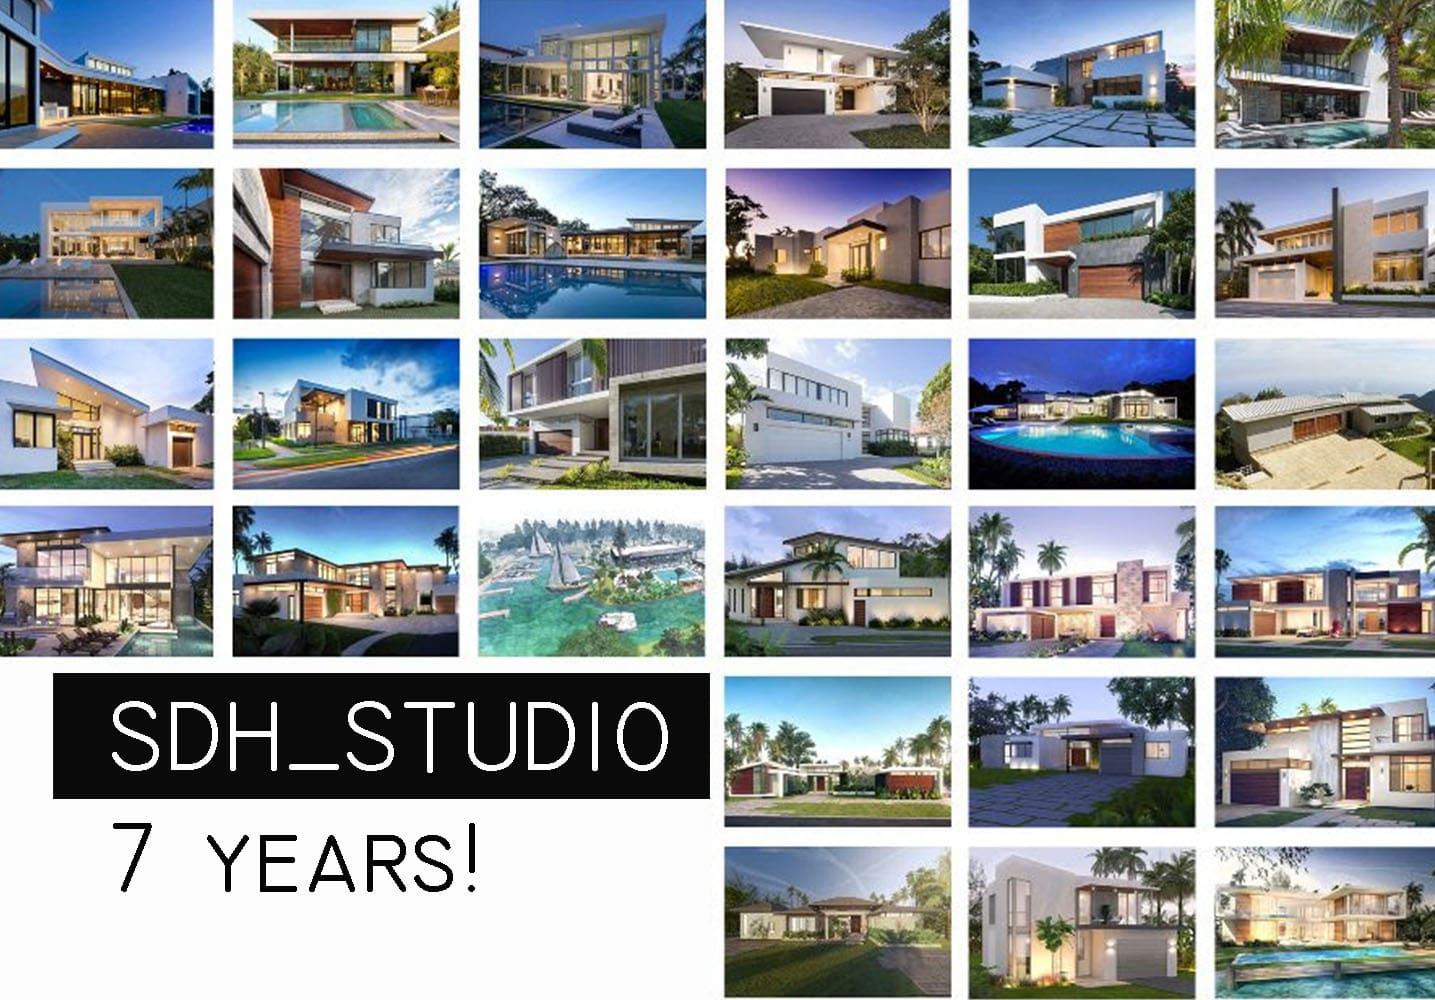 SDH Studio 7 years!